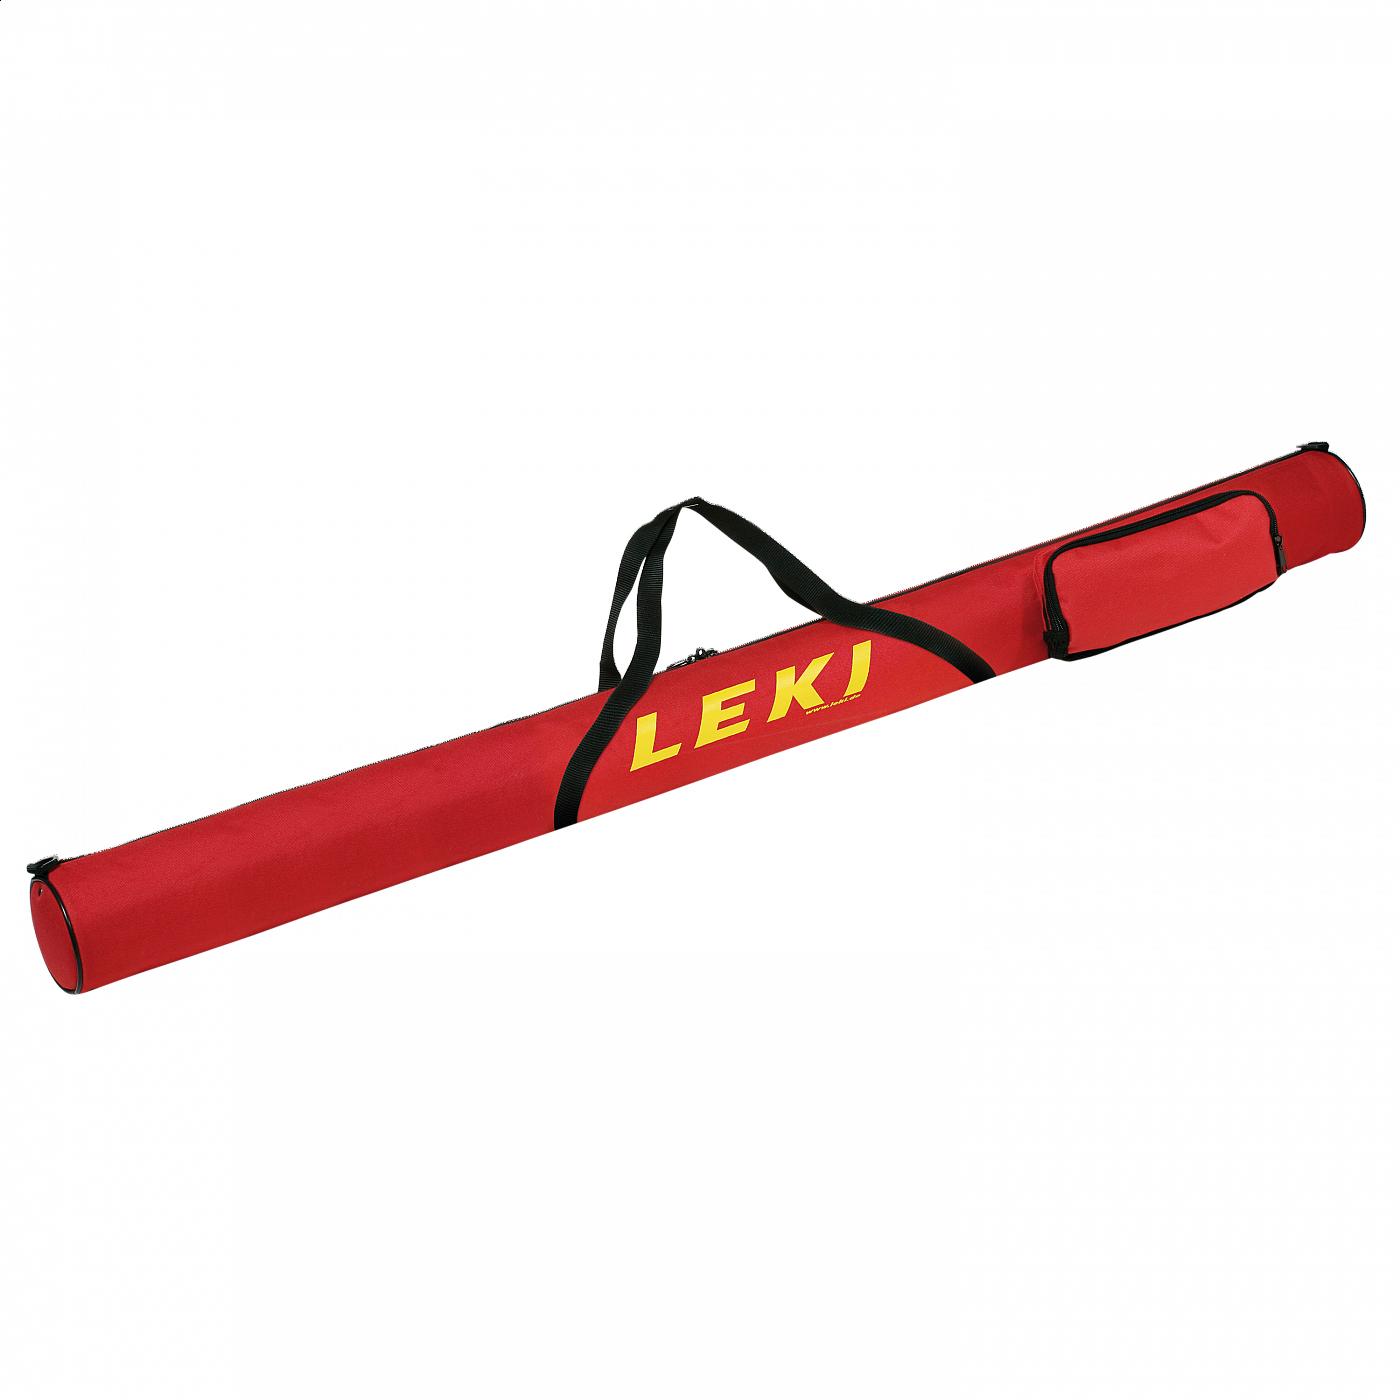 Leki Trainer Pole bag - Housse pour 2 paires de bâtons 140 cm